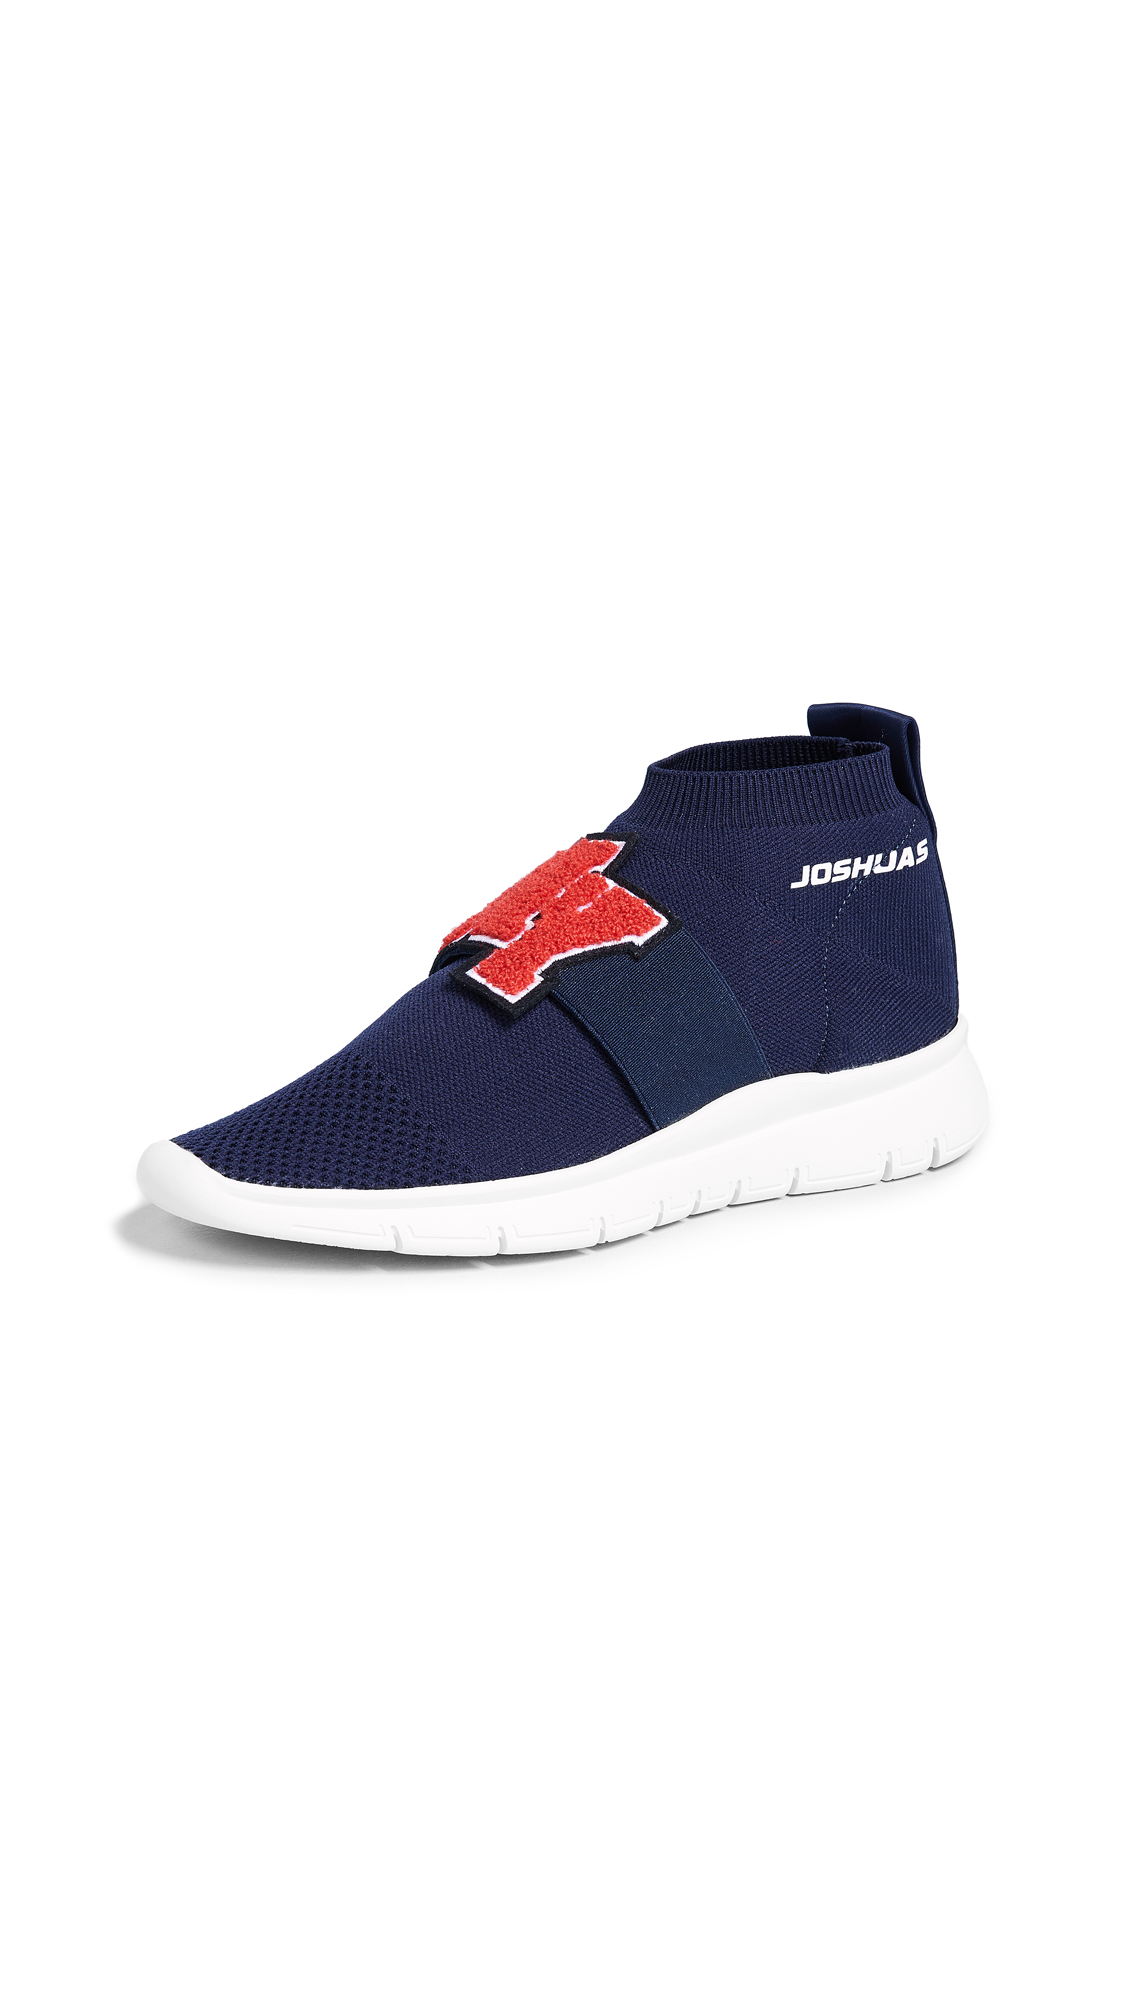 Joshua Sanders University NY Sock Runner Shoes - Blue